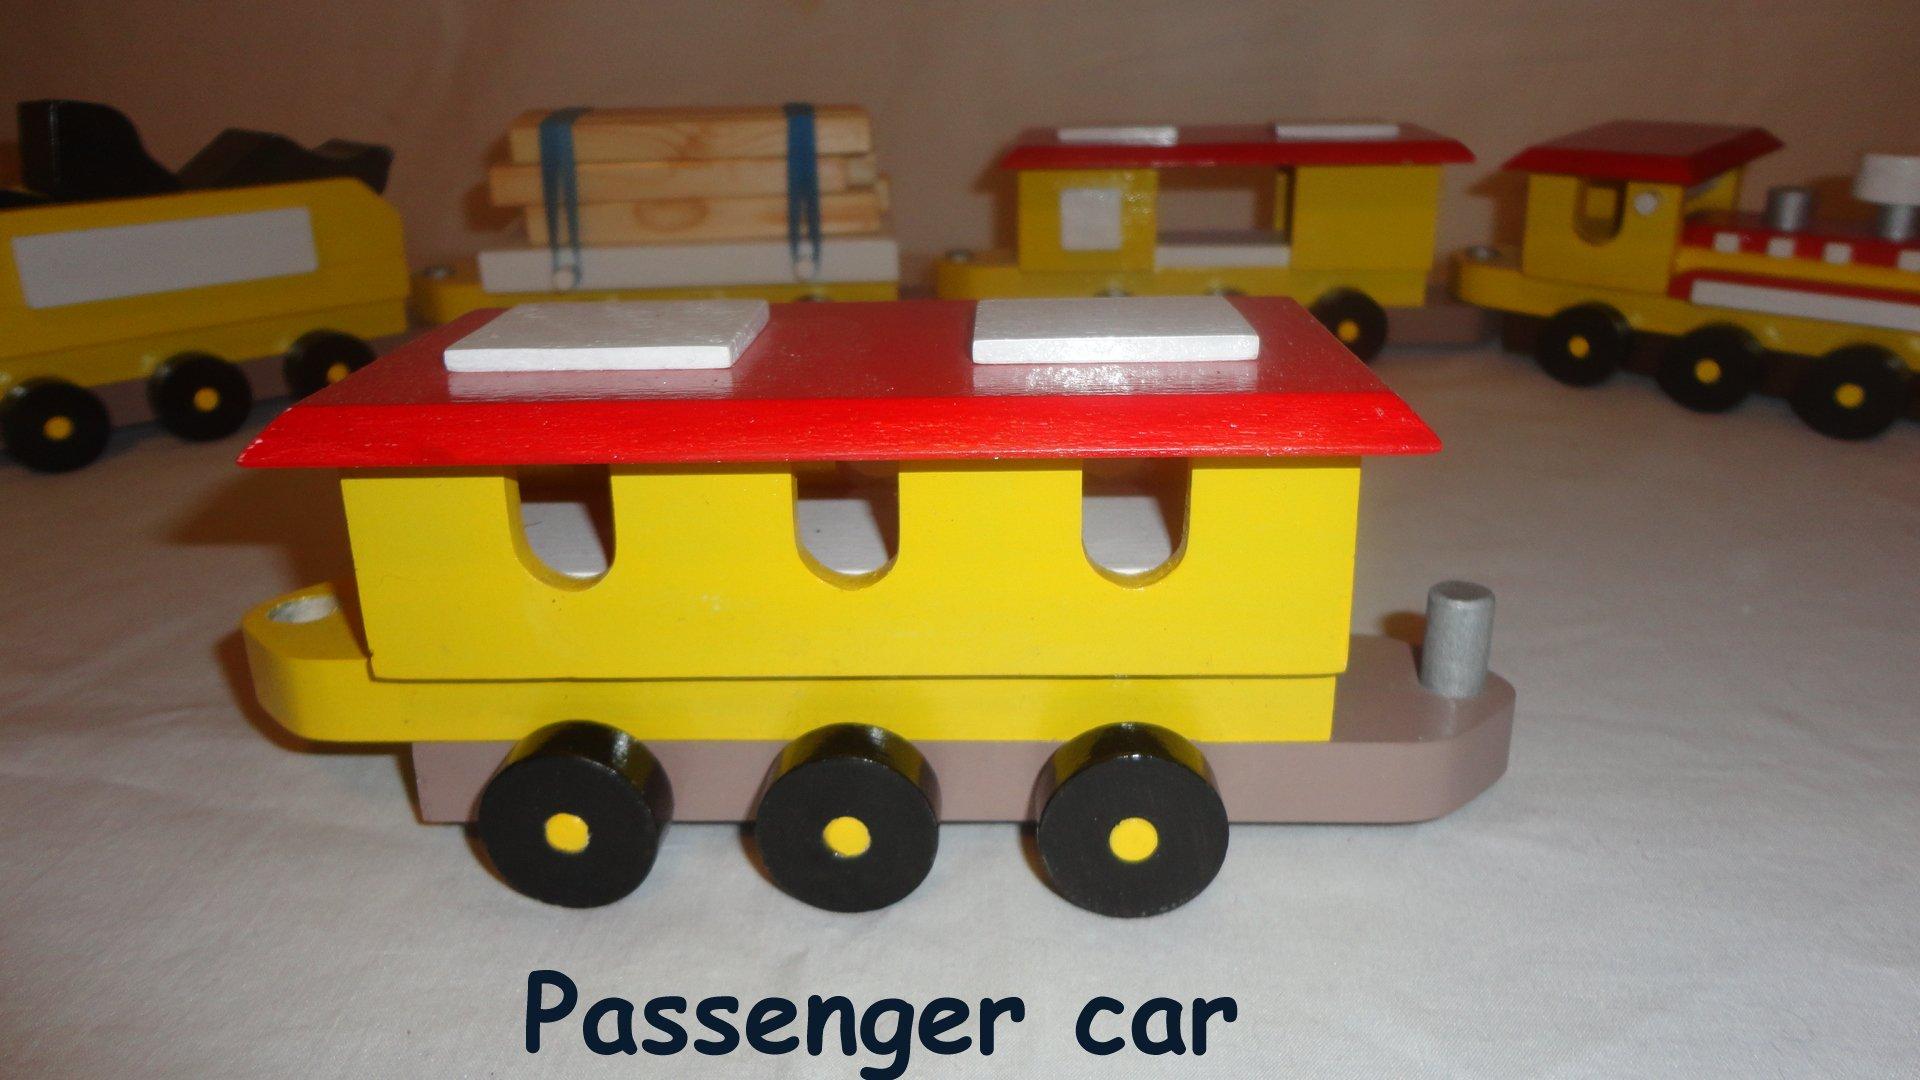 Passenger car-a.jpg